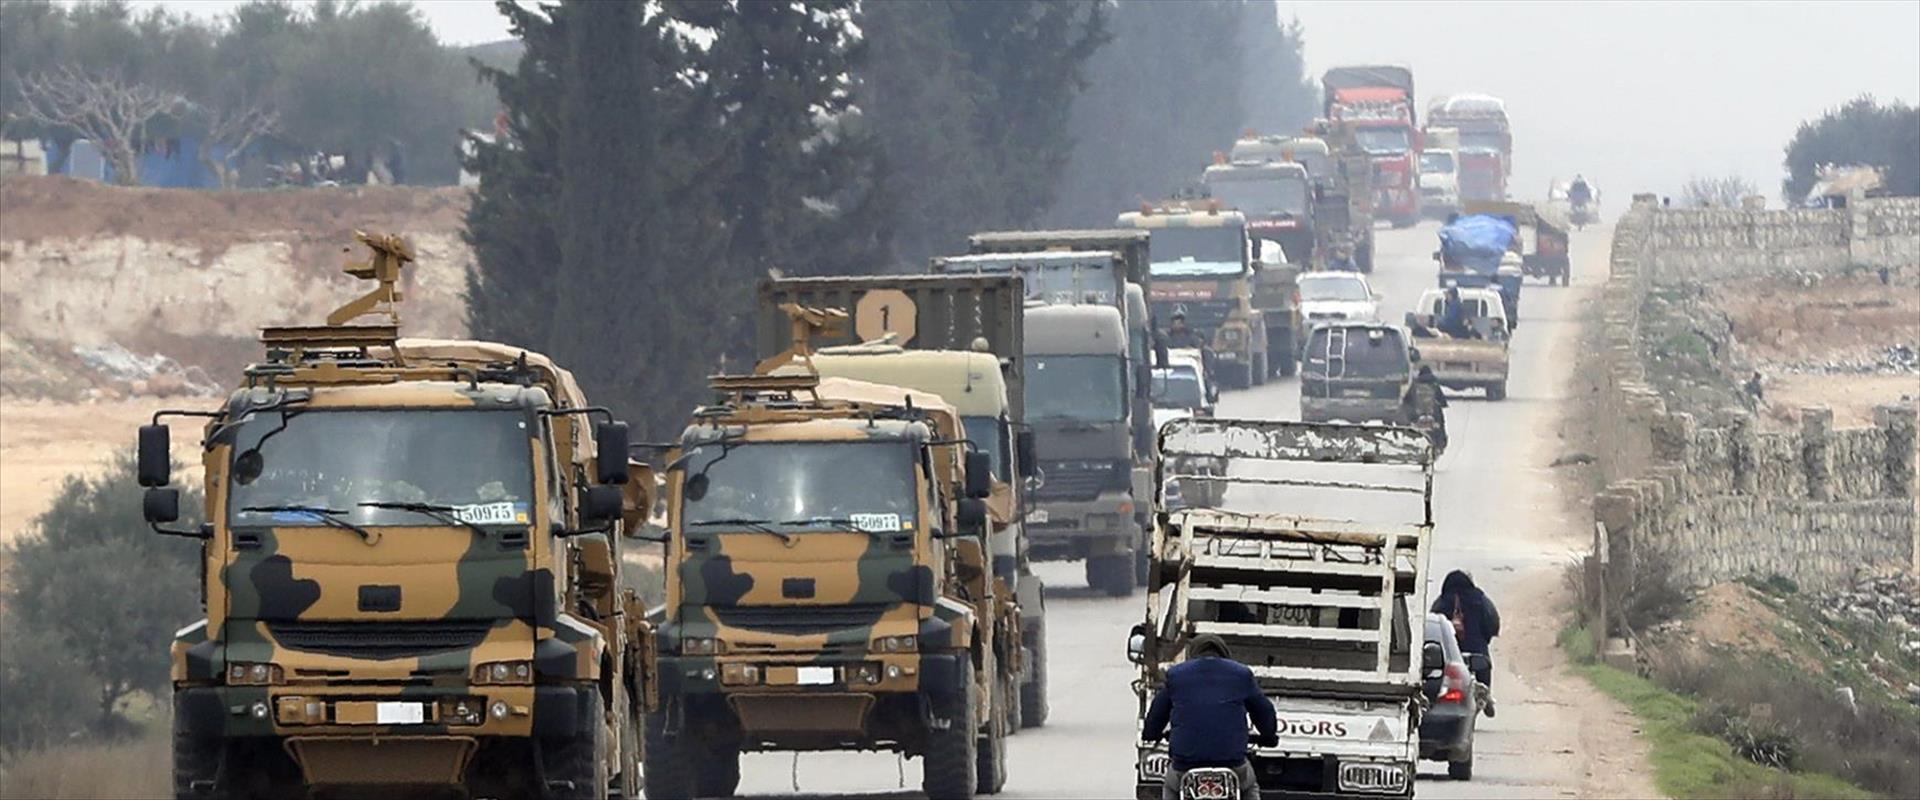 כוחות טורקיים באידליב שבסוריה